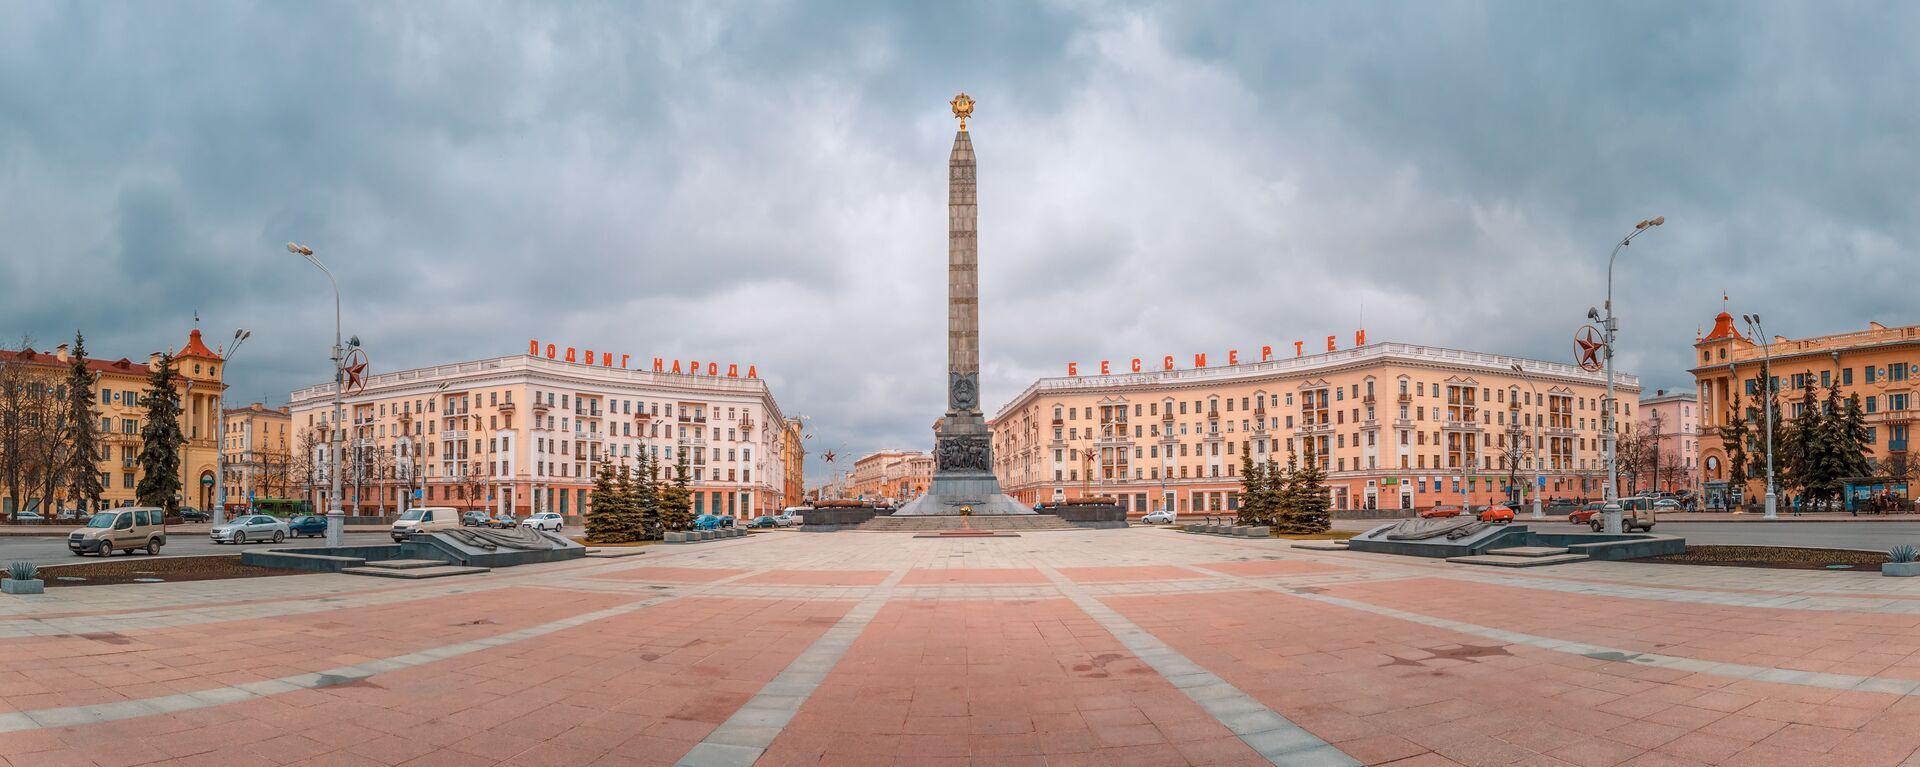 Plac Zwycięstwa w Mińsku - Sputnik Polska, 1920, 20.06.2021